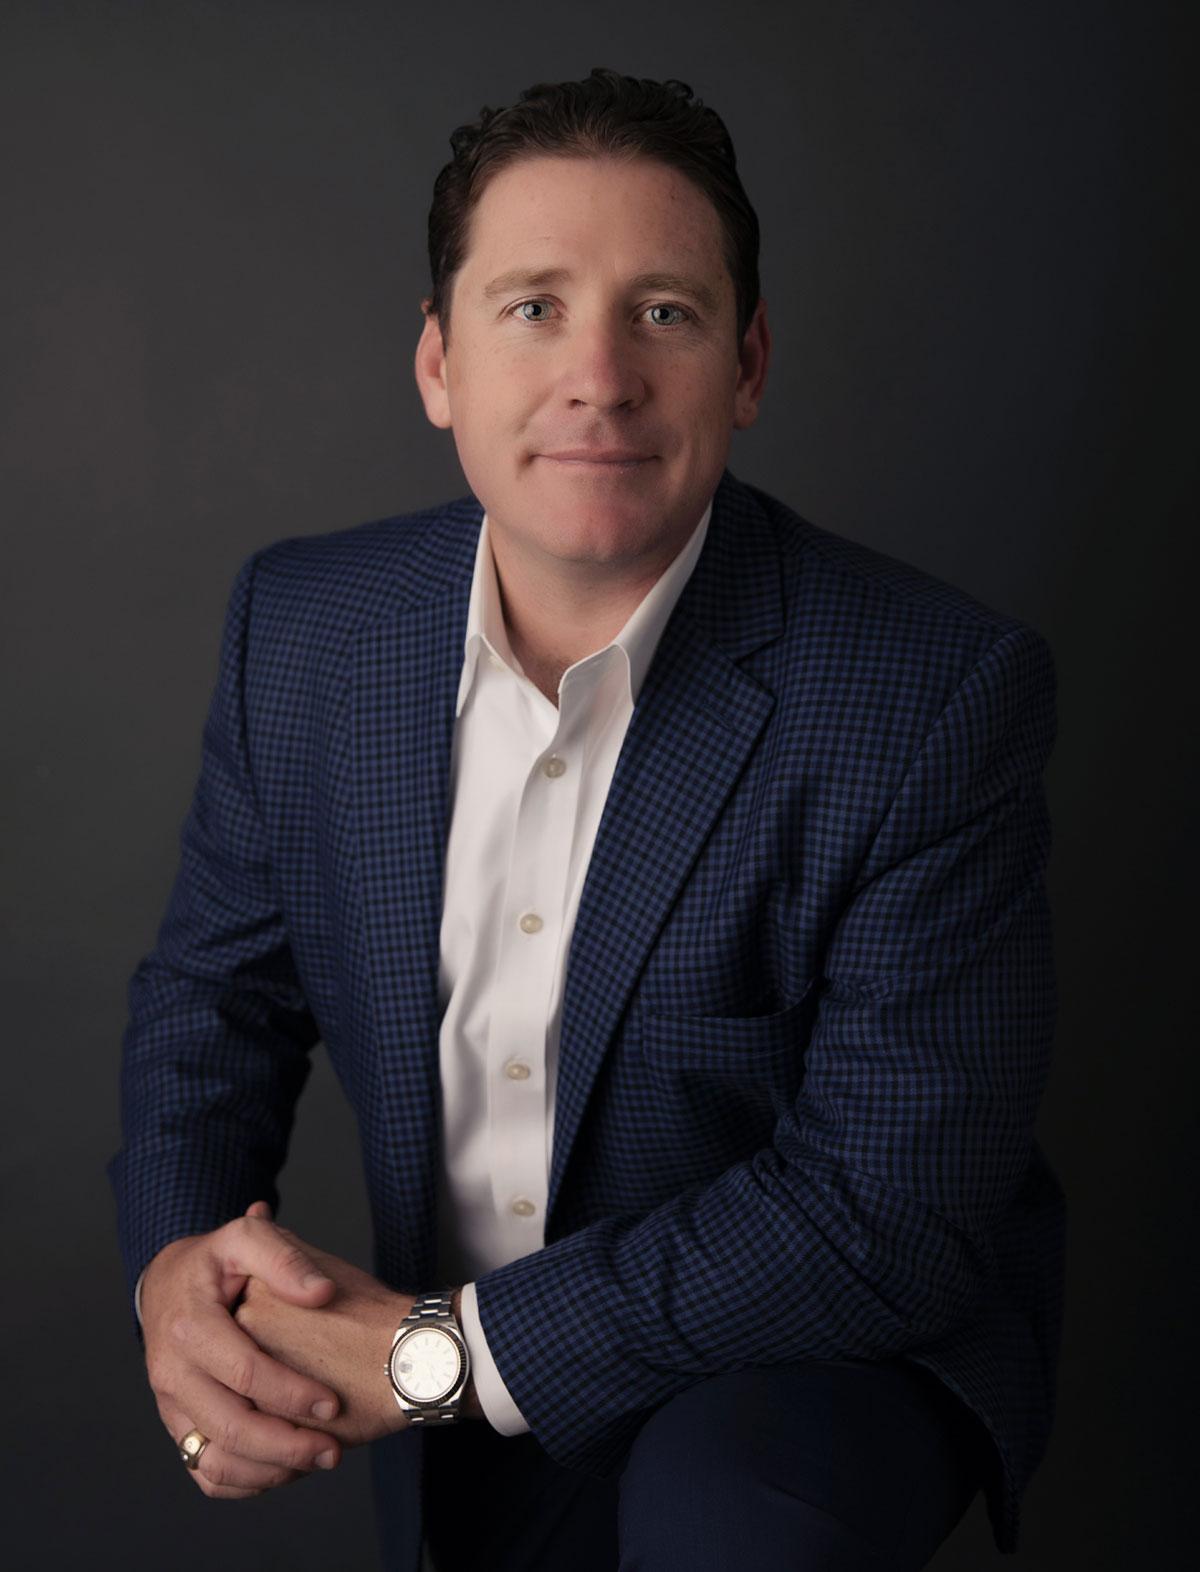 Christopher Shucart as President